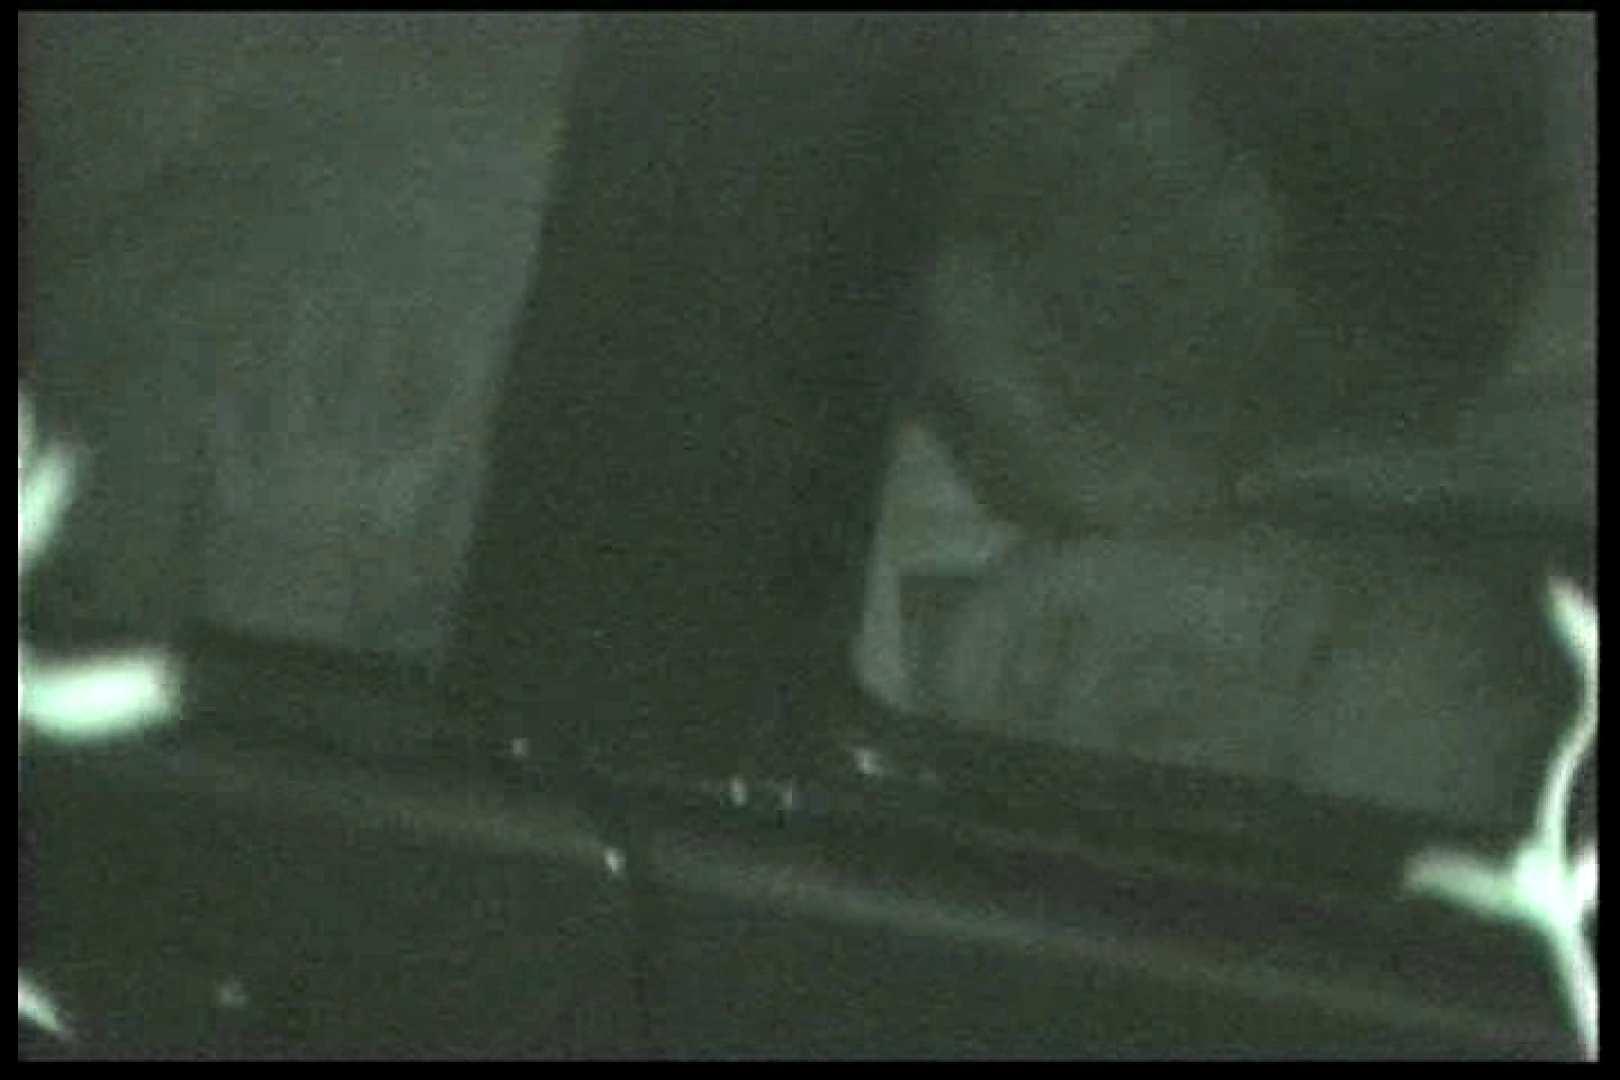 車の中はラブホテル 無修正版  Vol.15 ラブホテル 盗撮ヌード画像 89pic 76